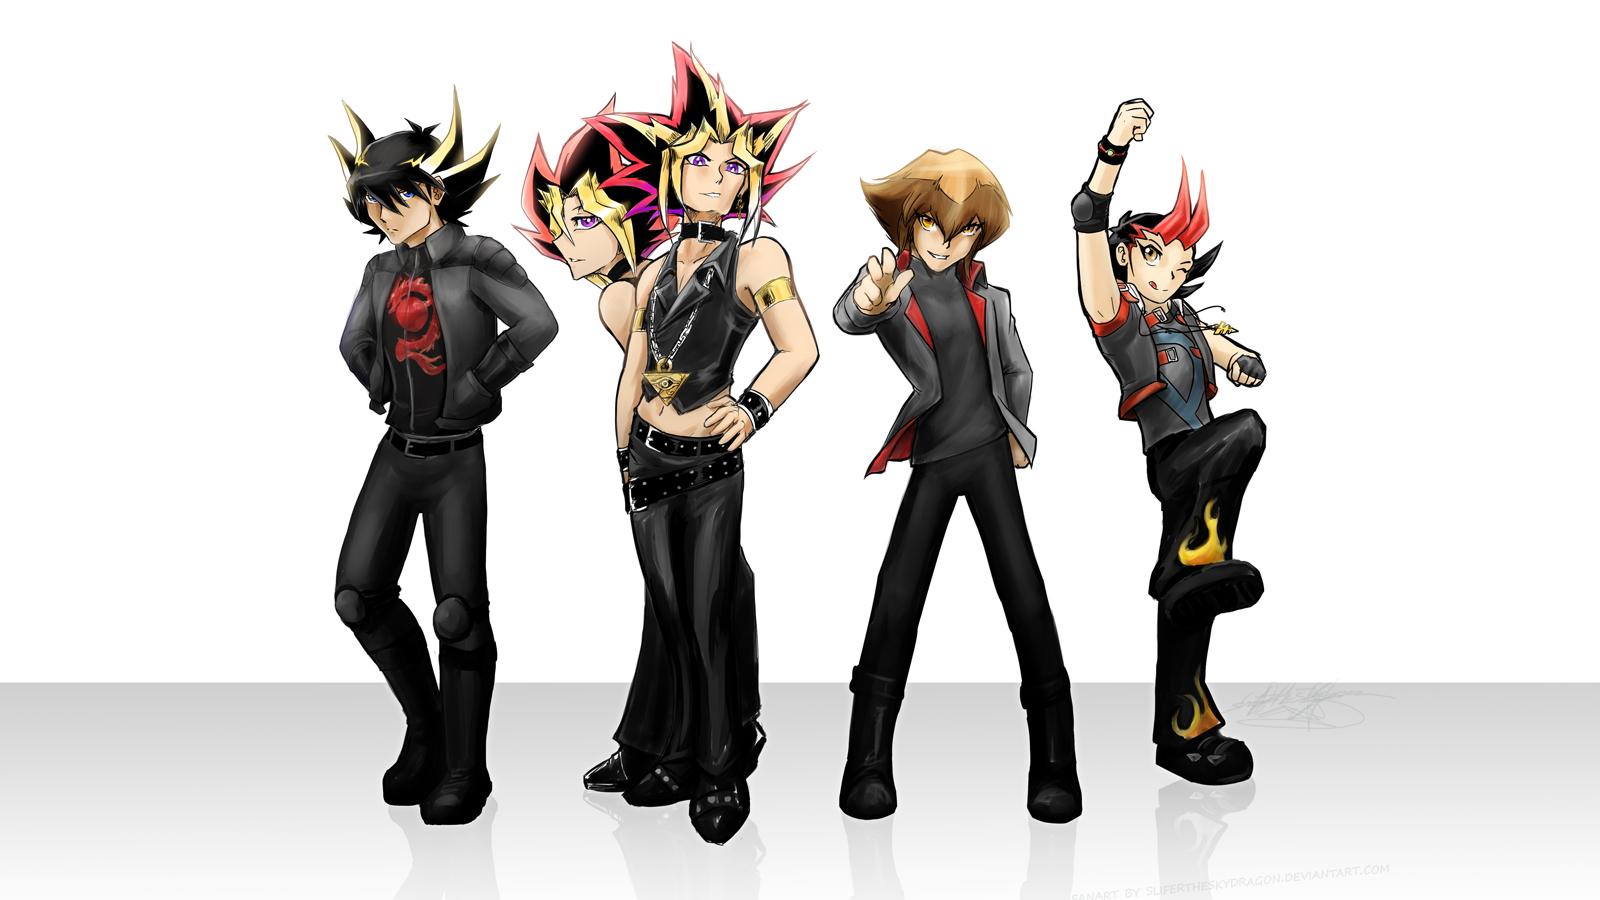 Yugioh 5DXAL Boy Band by slifertheskydragon